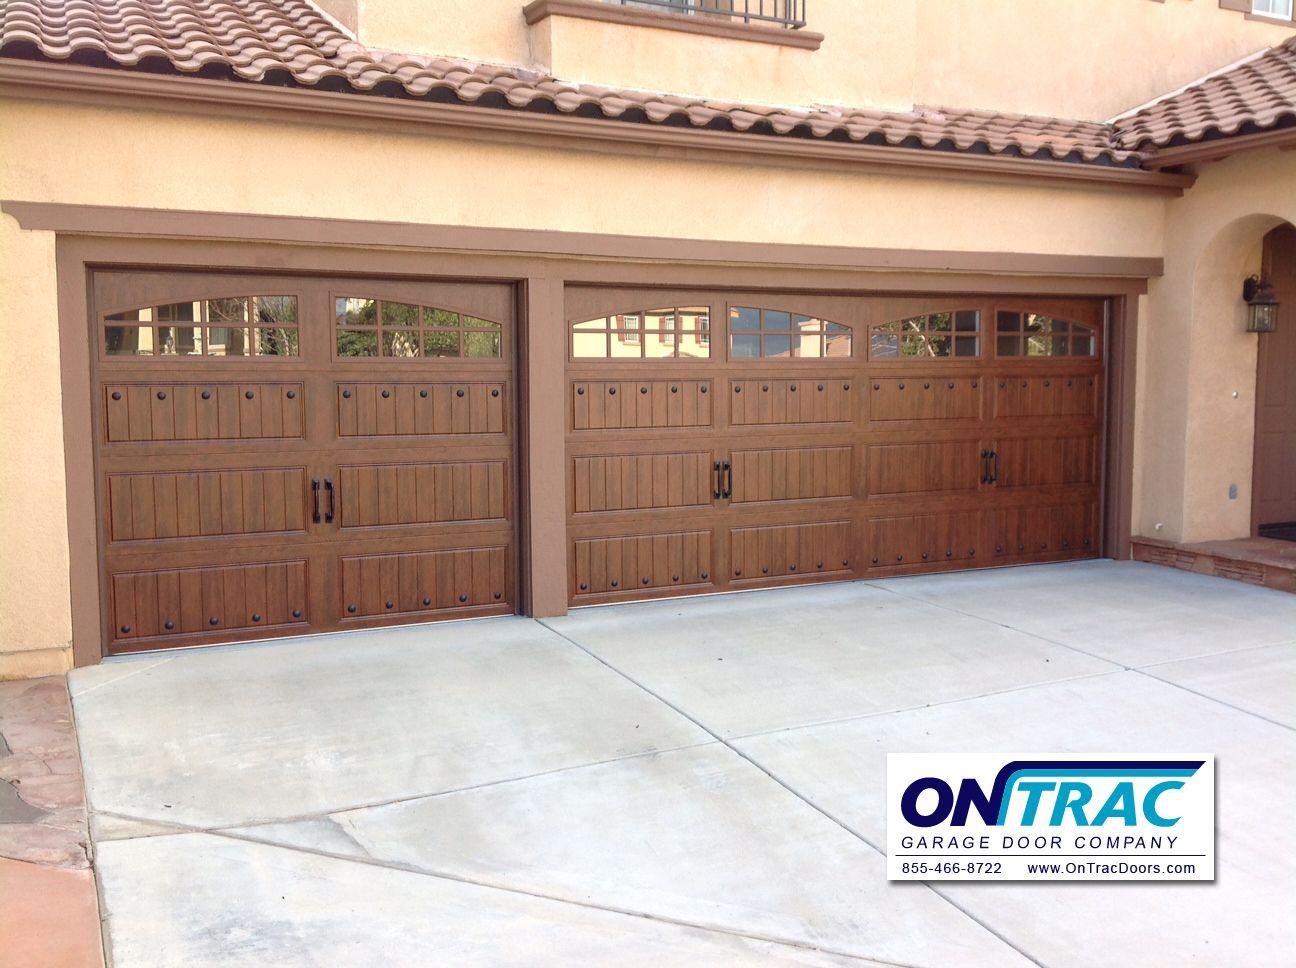 Steel walnut wood grain garage door with decorative hardware steel walnut wood grain garage door with decorative hardware handles clavos and windows rubansaba